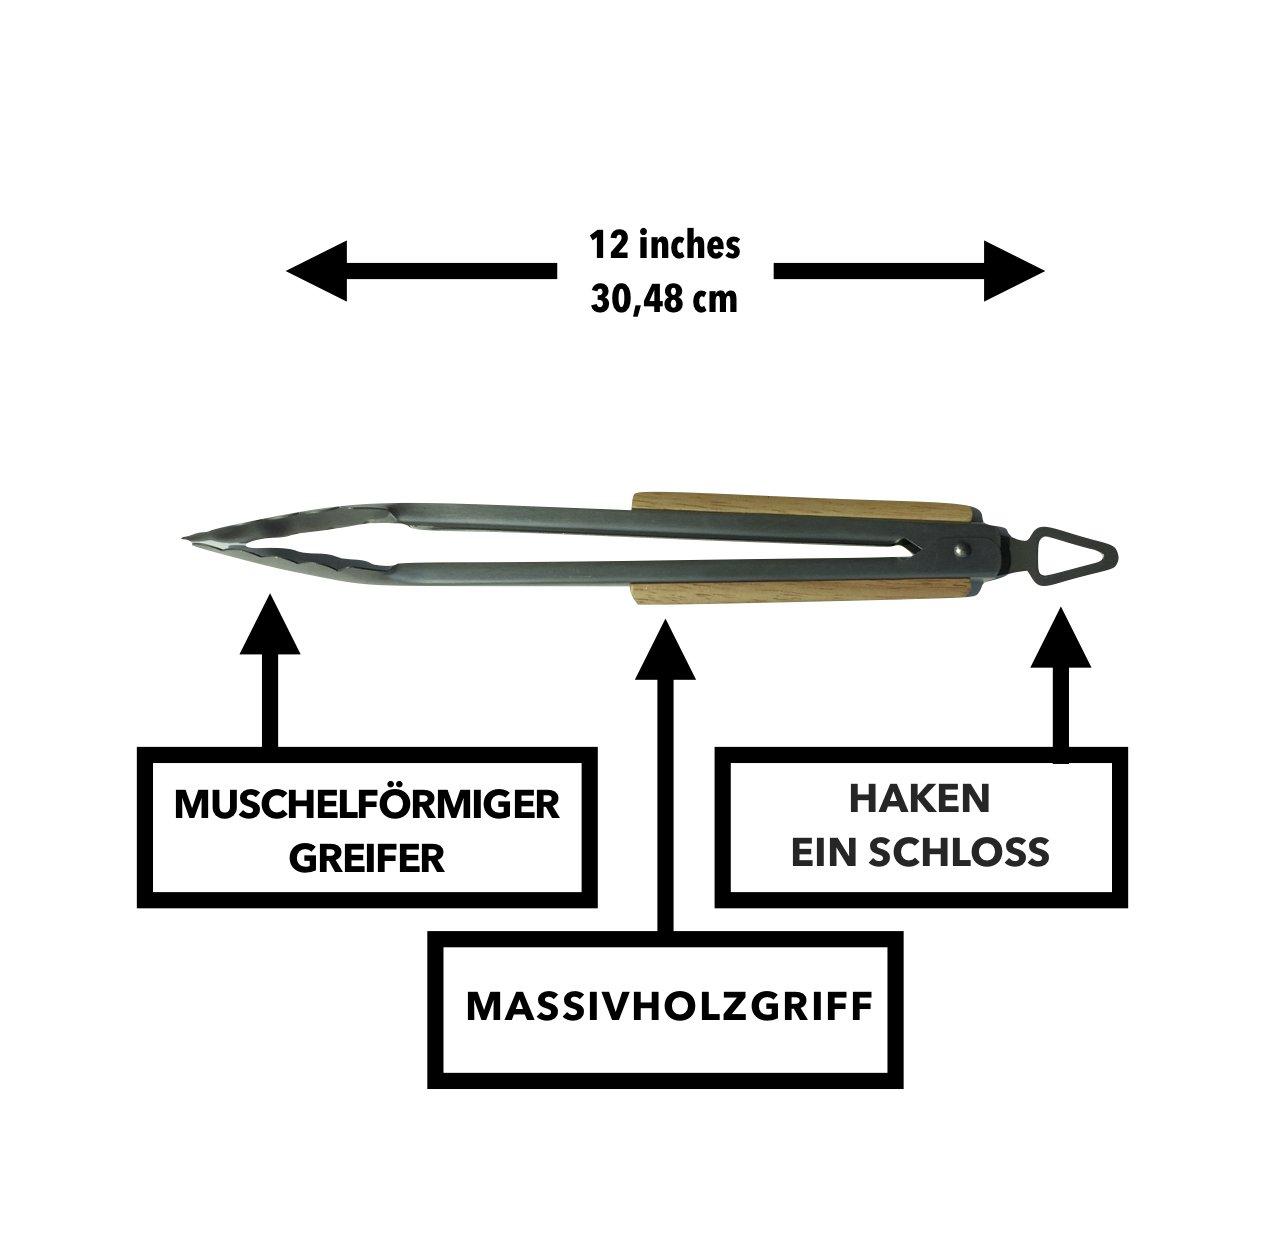 GrillHogs Acero Inoxidable Pinzas de Barbacoa/ /30/cm/ /Calidad del Producto /Modelo Profesional con Mango de Madera Maciza/